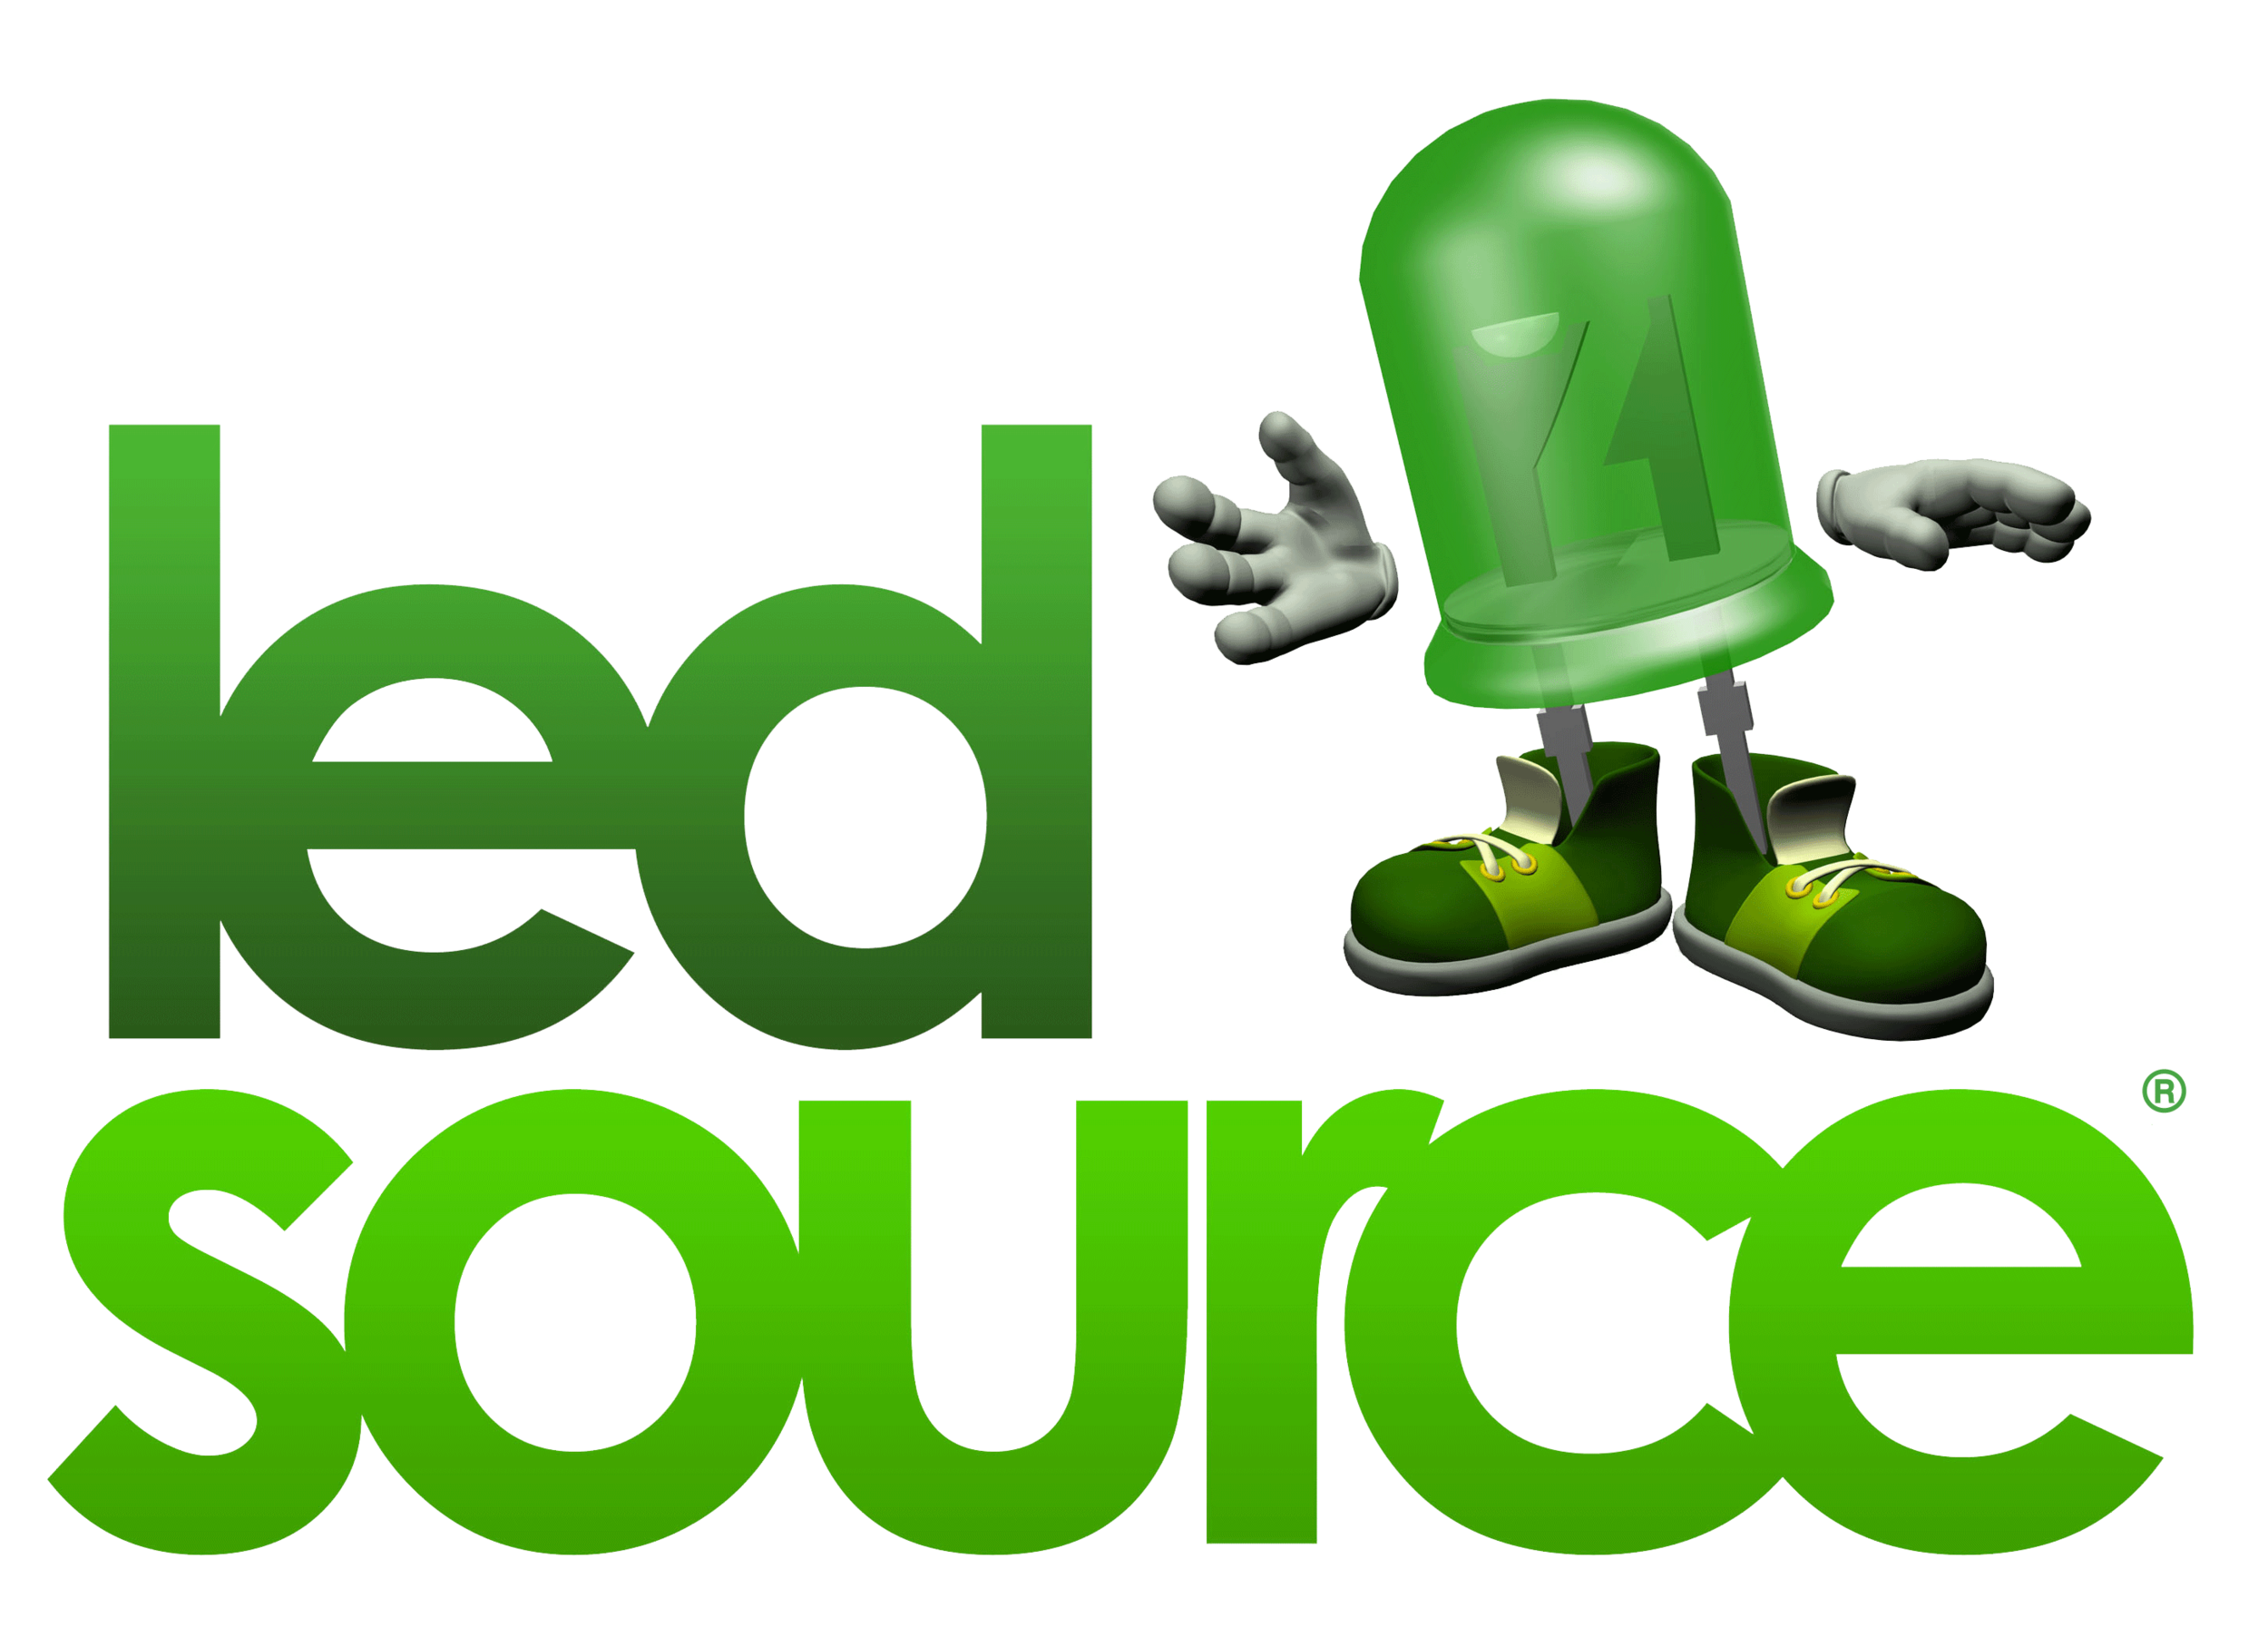 led-source-transparent-logo-final.png